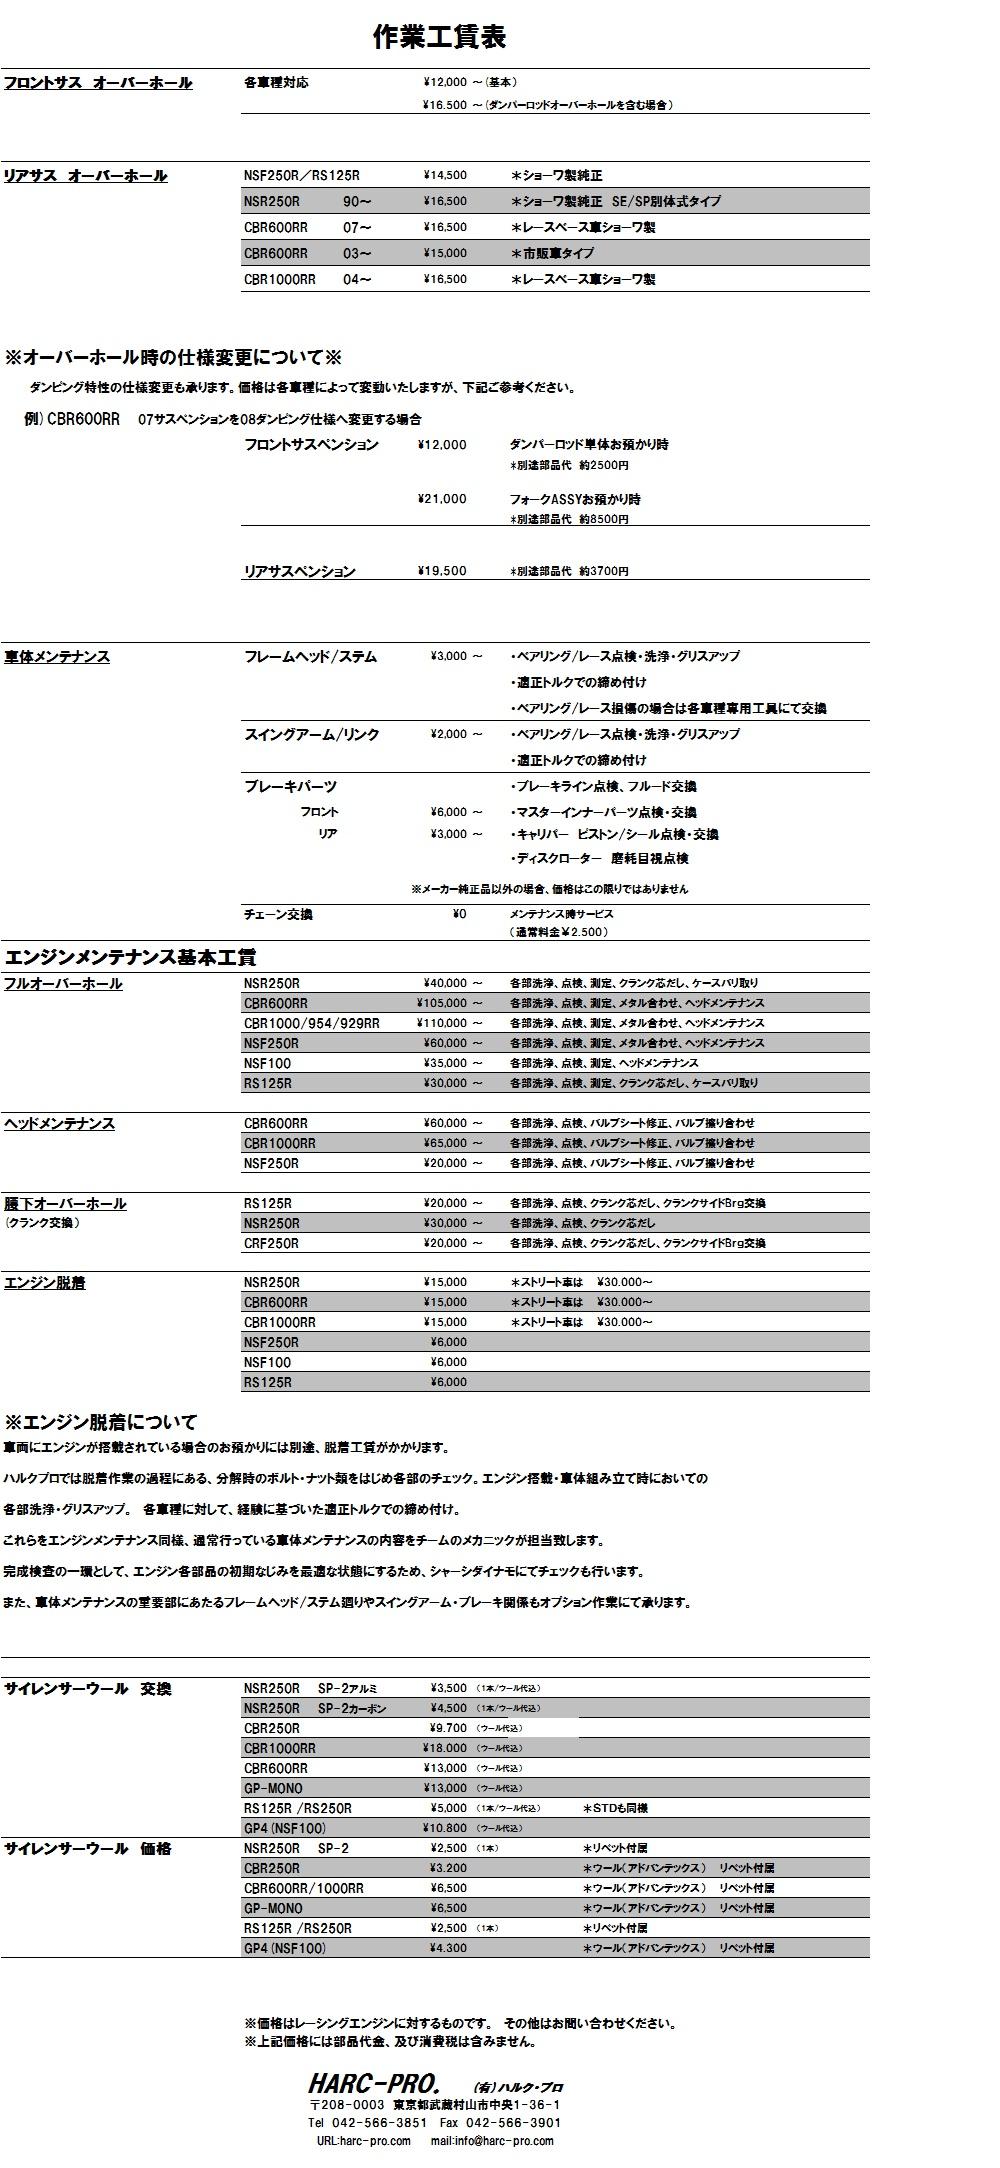 20160802作業工賃表